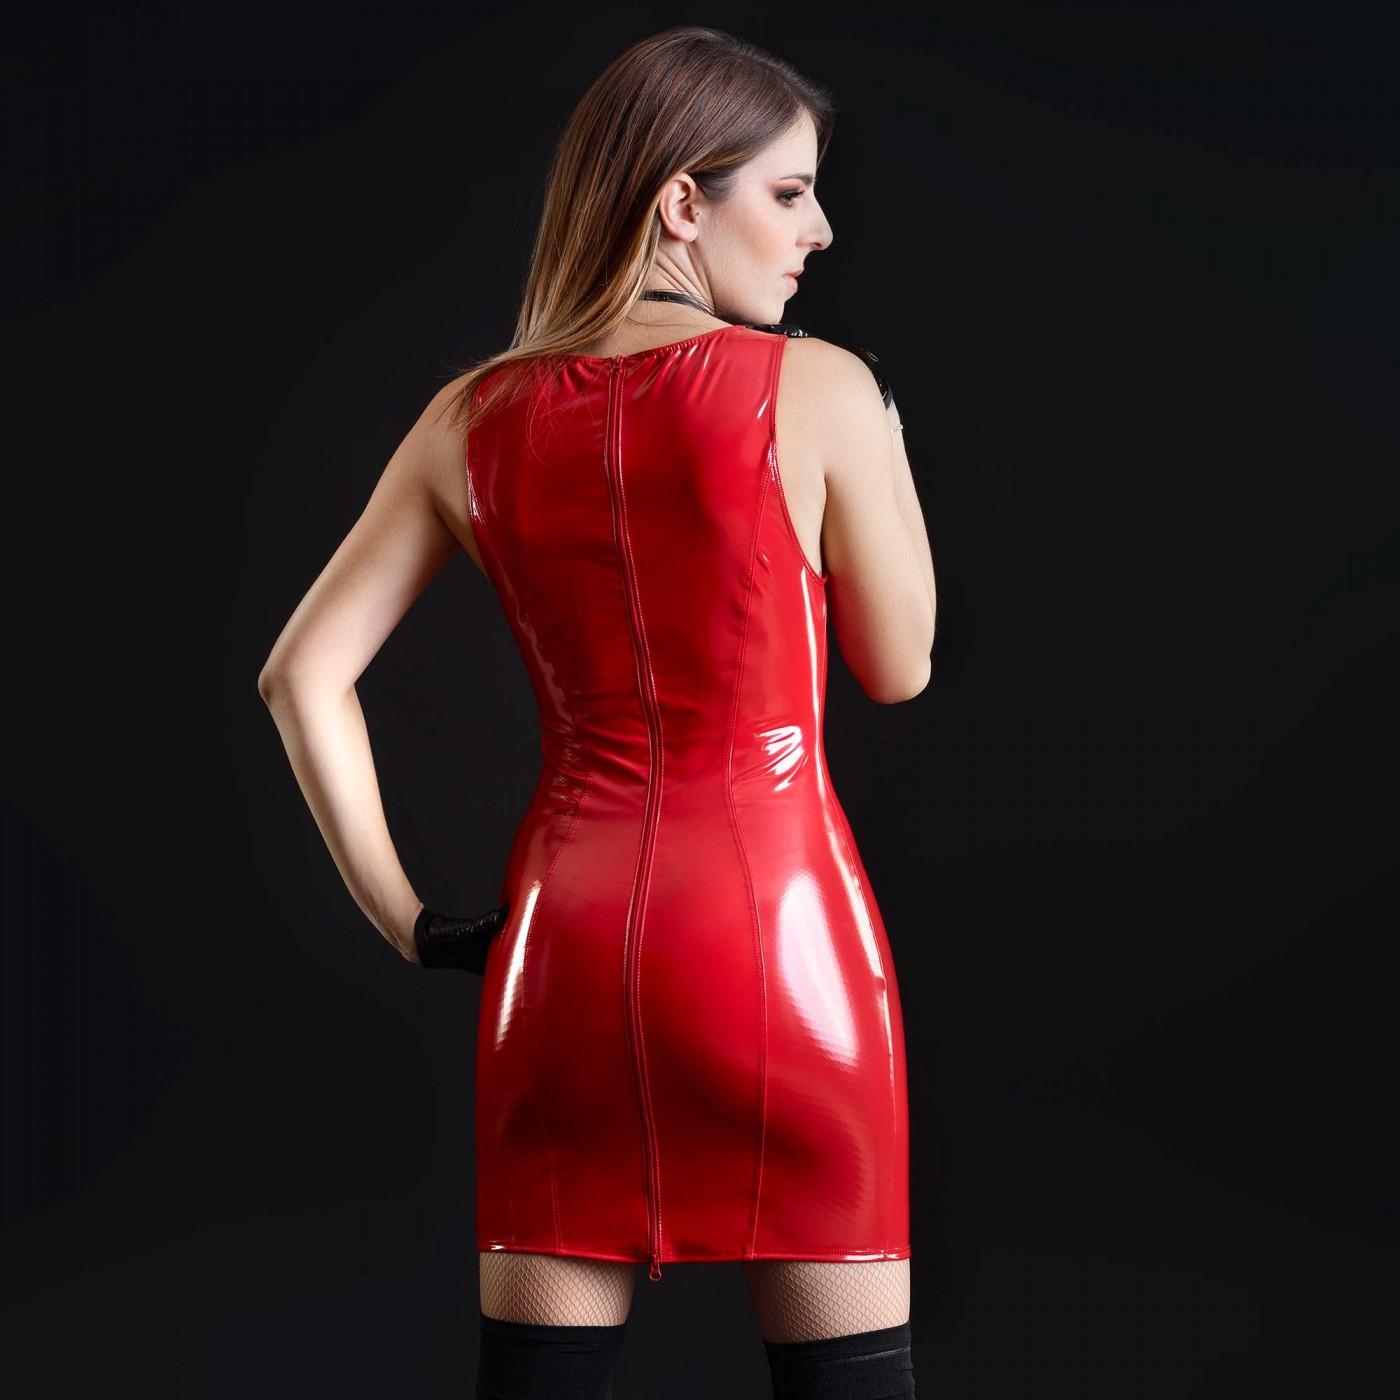 Emmanuelle, sexy red vinyl dress - Patrice Catanzaro